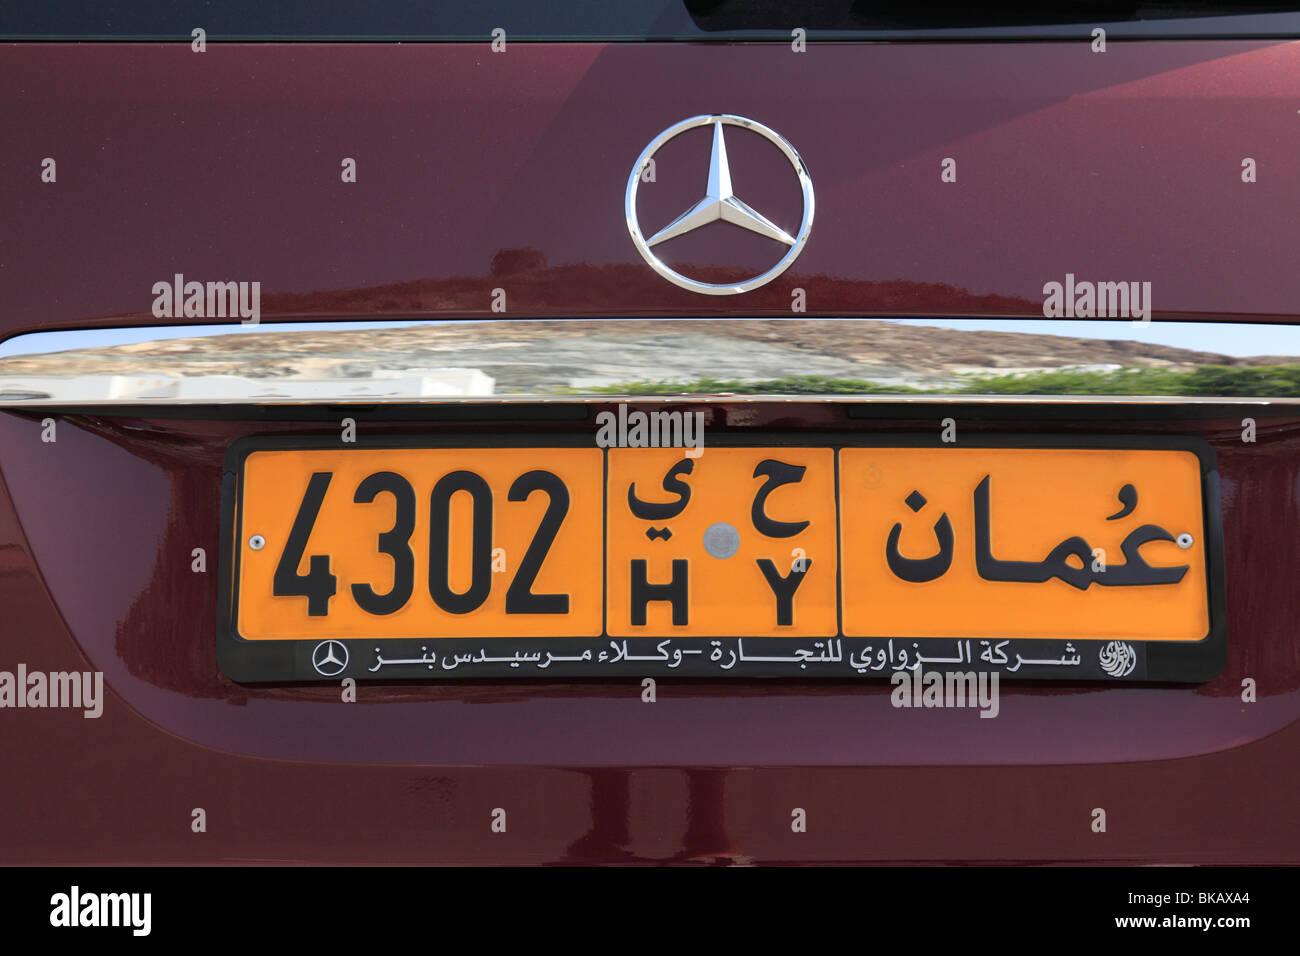 Kfz-Kennzeichen auf roten omanischen Mercedes Benz, Sultanat Oman ...